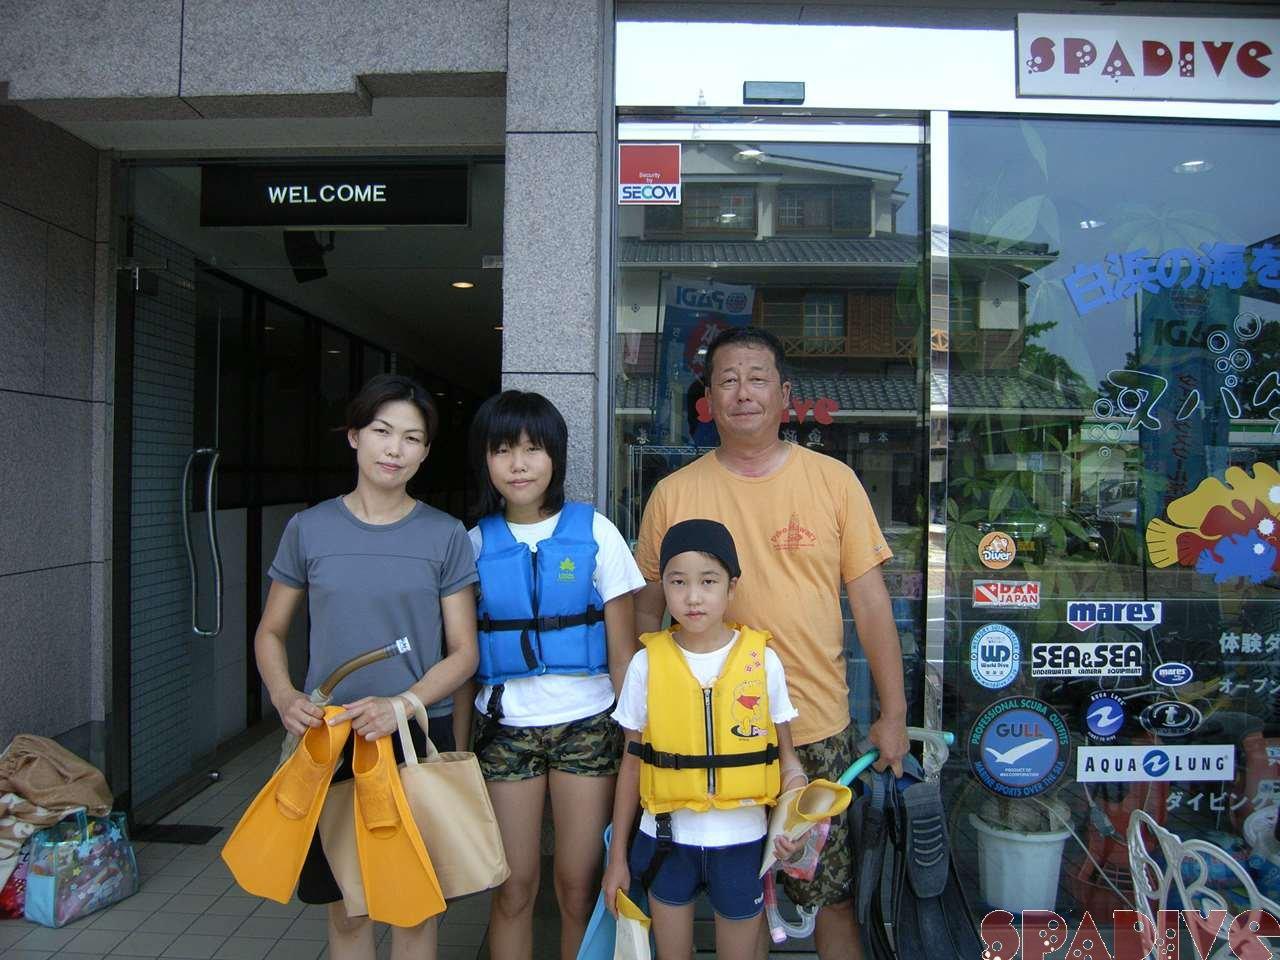 体験スノーケリング|8/25/2007白浜権現崎